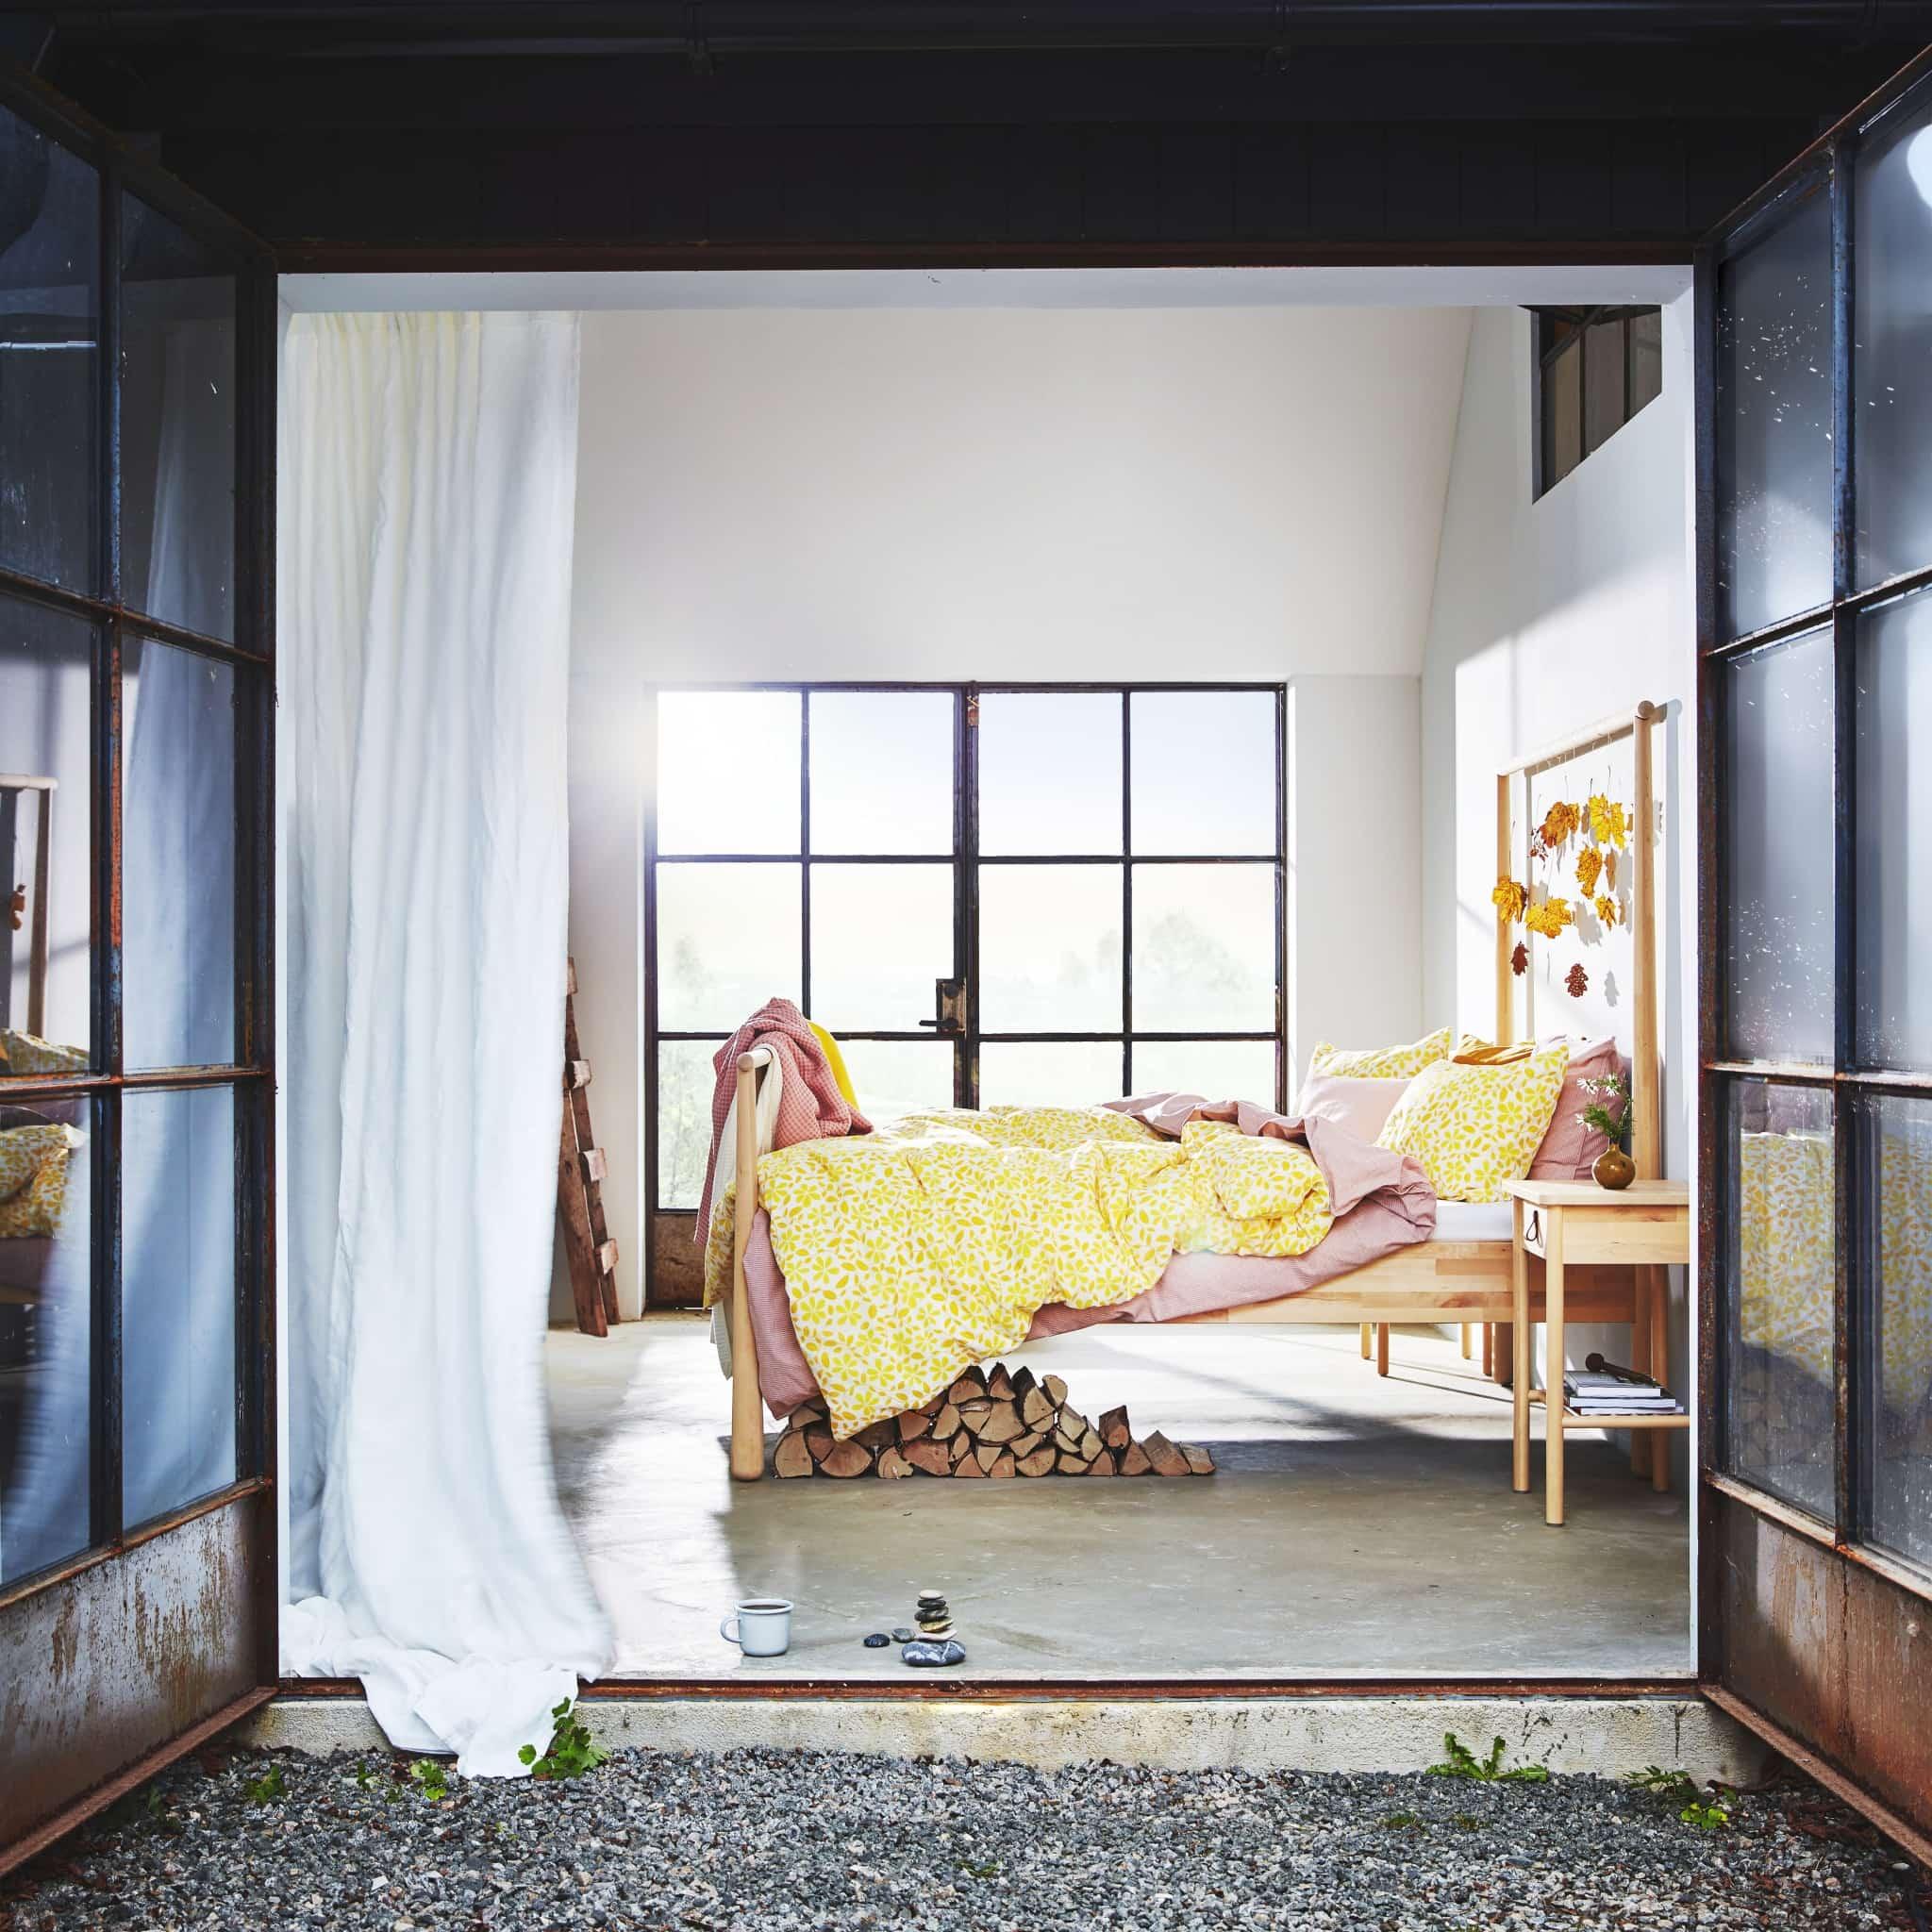 ikea slaapkamer inspiratie